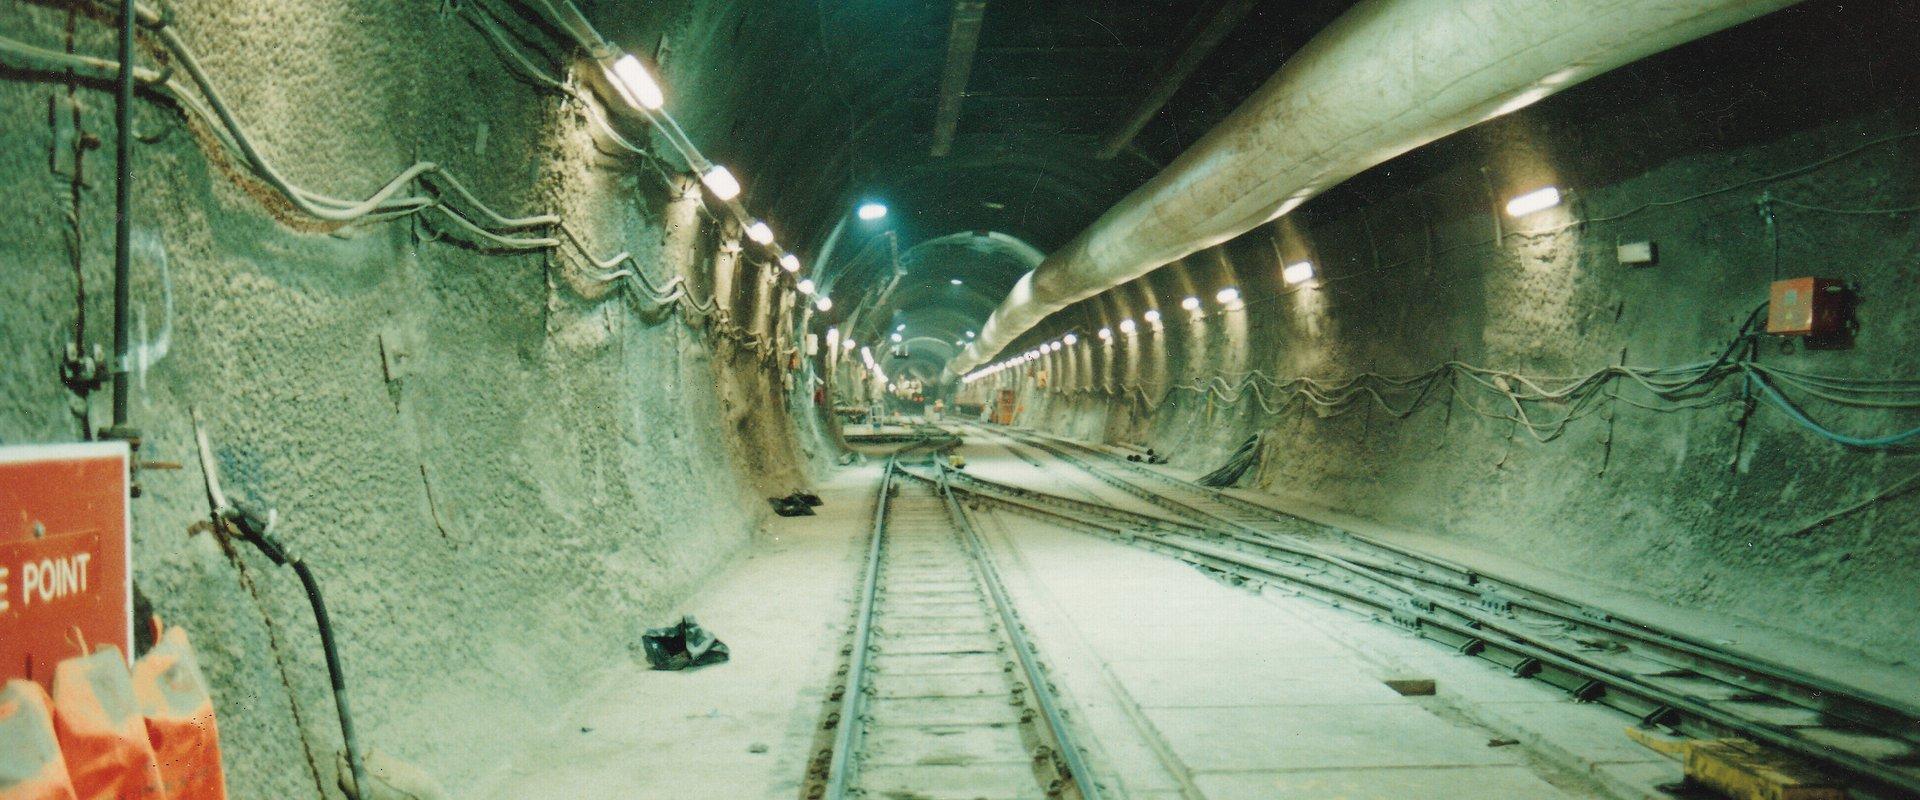 Jak powstał Eurotunel? W czerwcu kanał National Geographic przybliży historię przedsięwzięcia, które złączyło Europę